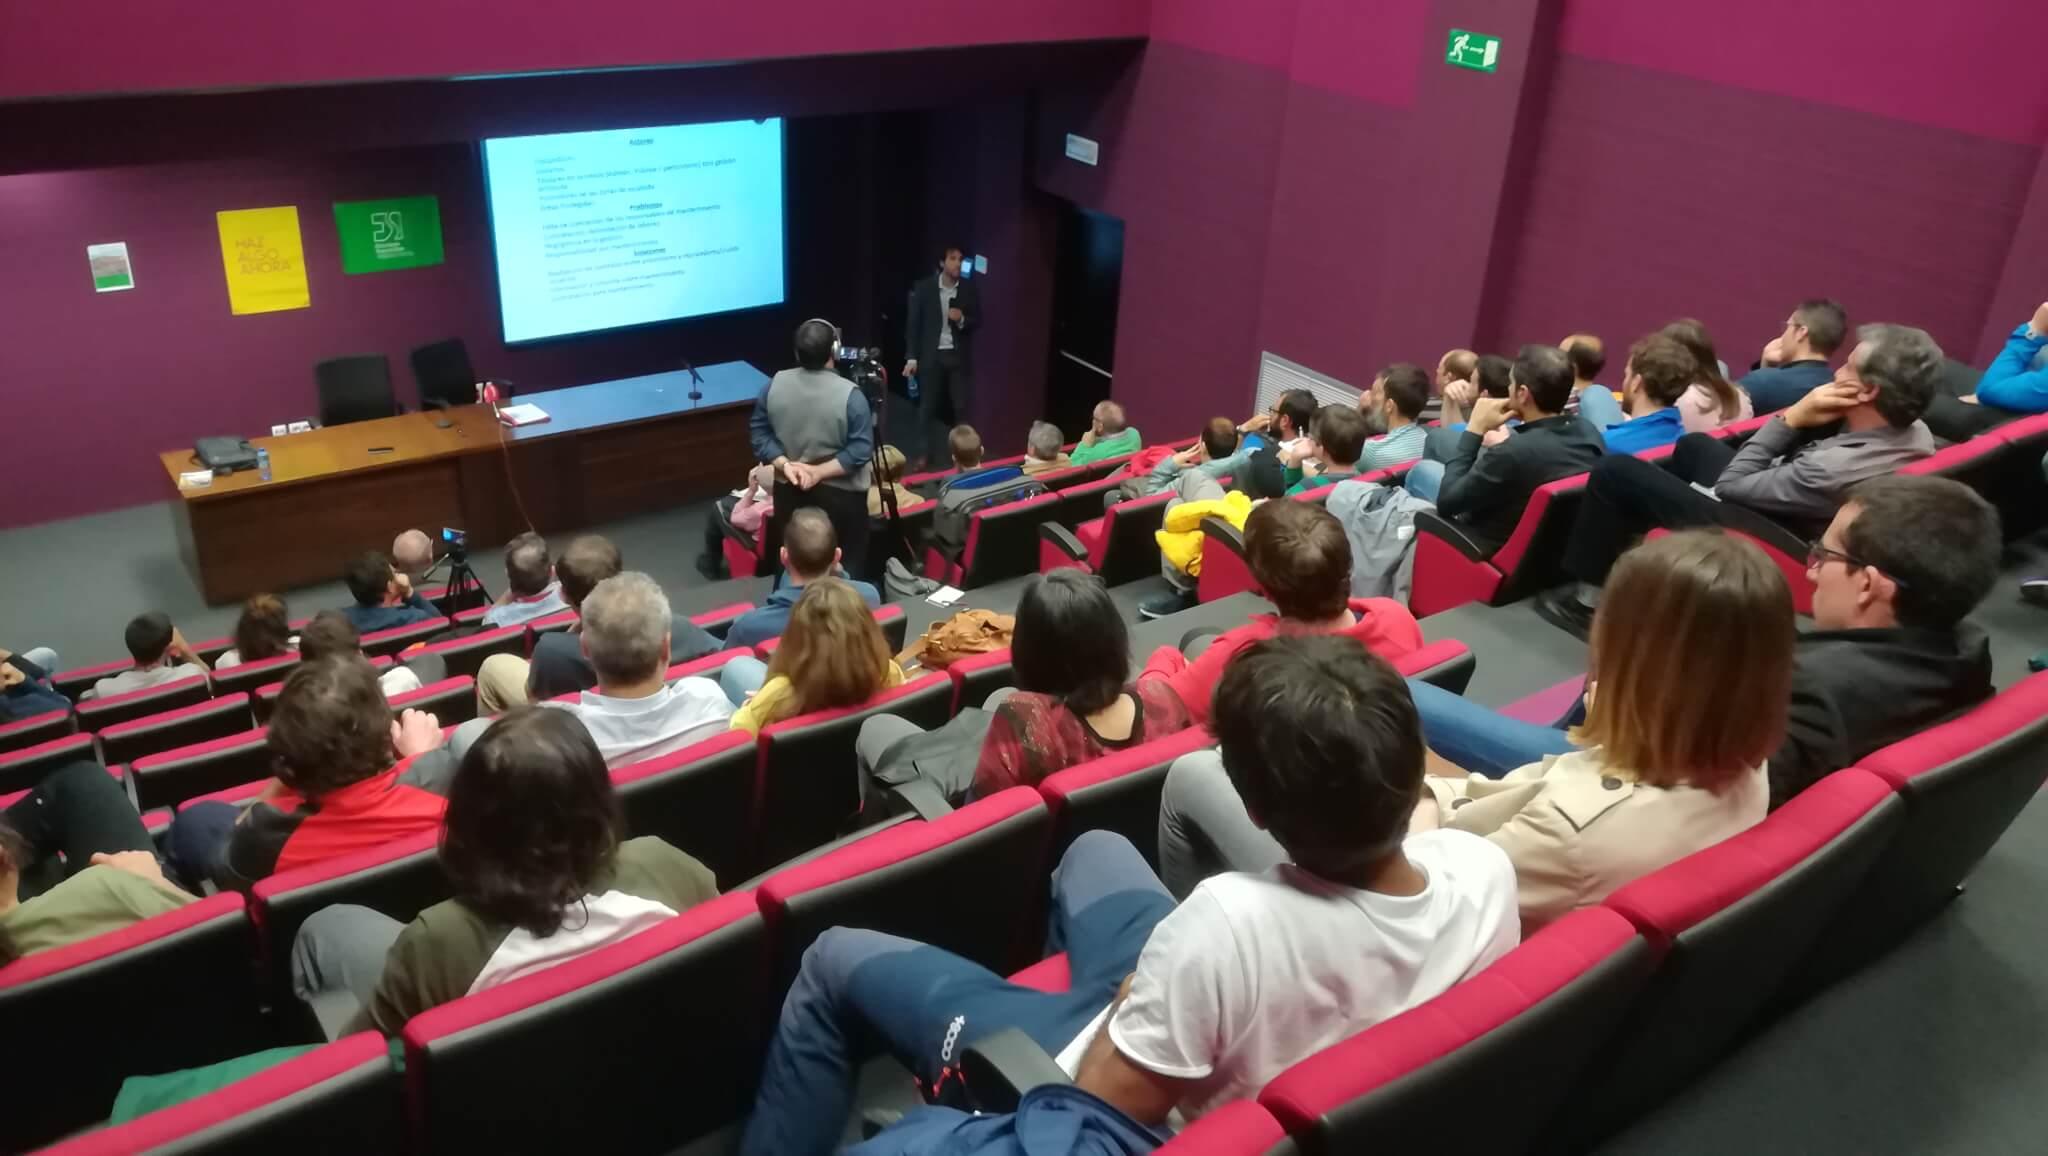 Charla-coloquio Escalada y normativa. Los peligros del vacío. En Jumilla (Murcia), 18 de abril de 2018.